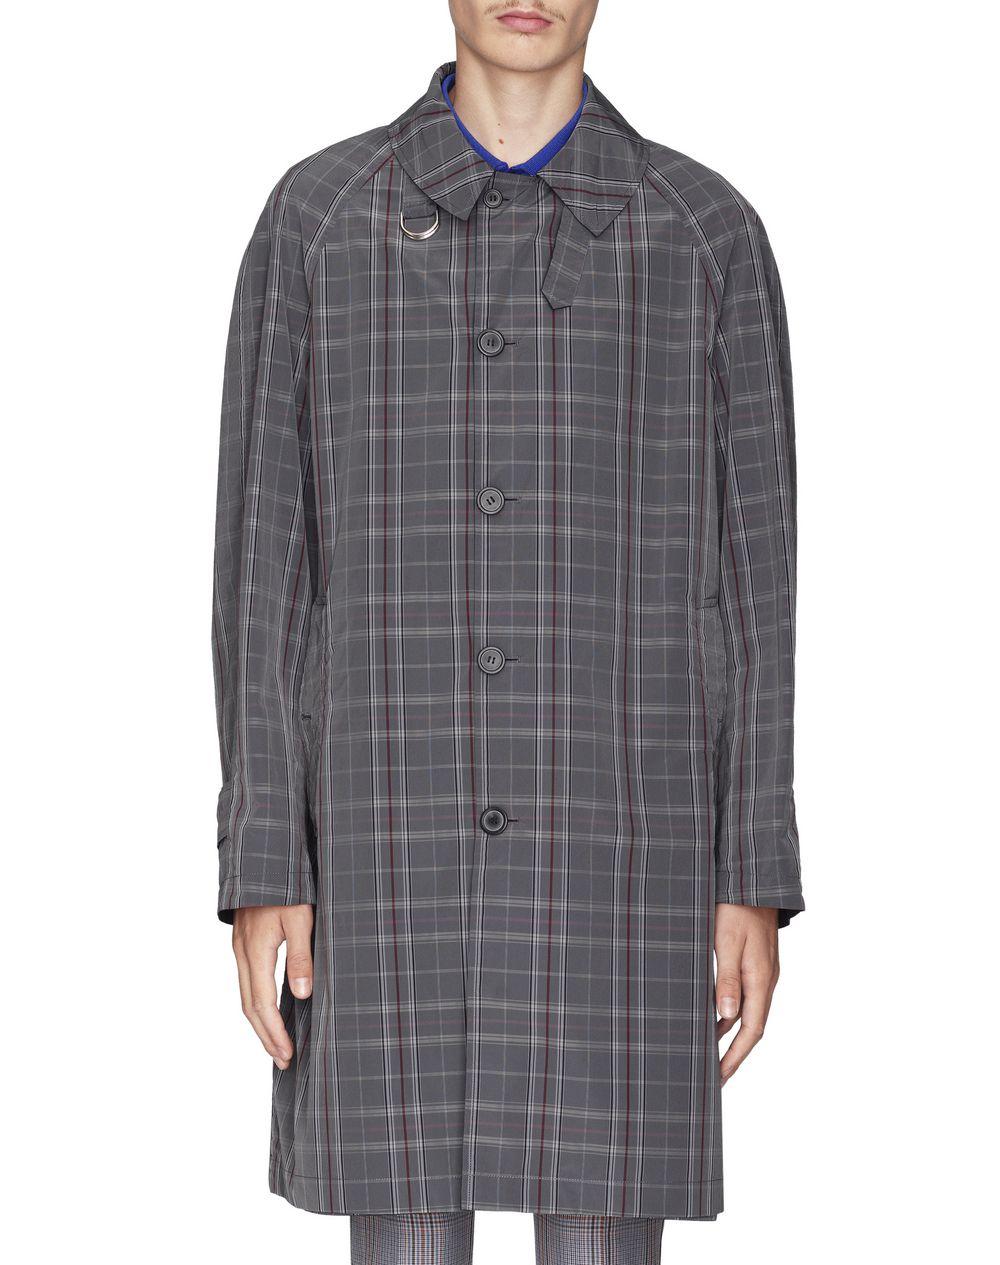 Manteau réversible gris foncé et bleu à carreaux Lanvin Prix €1 495